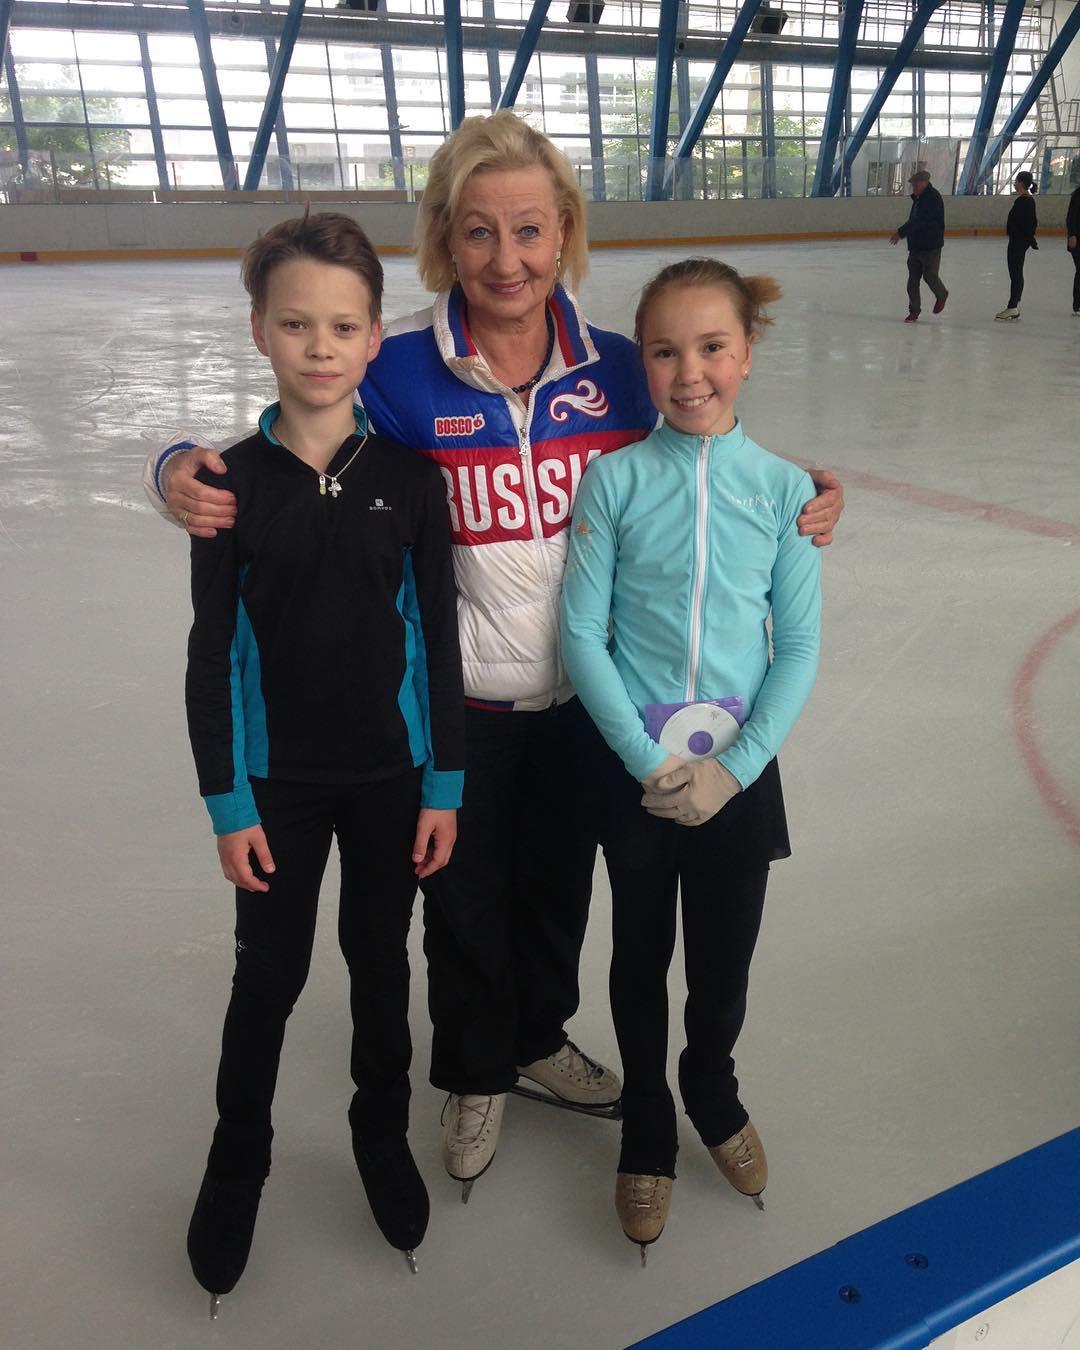 Группа Мишина - СДЮСШОР «Звёздный лёд» (Санкт-Петербург) - Страница 28 88SUVWhUUVc